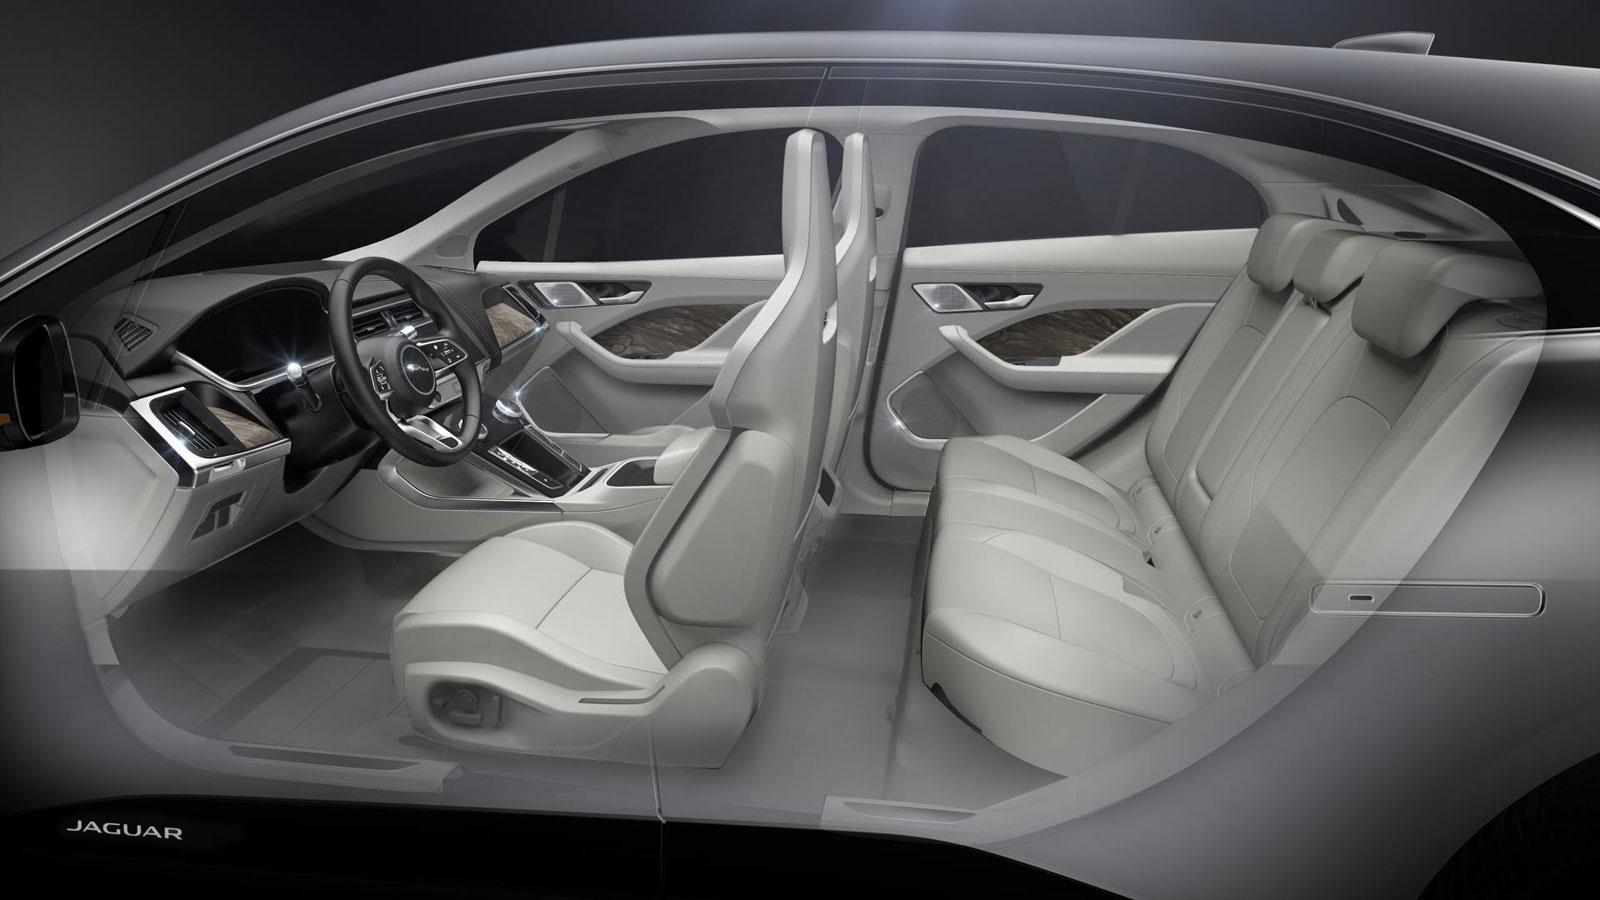 jaguar i pace interior design render